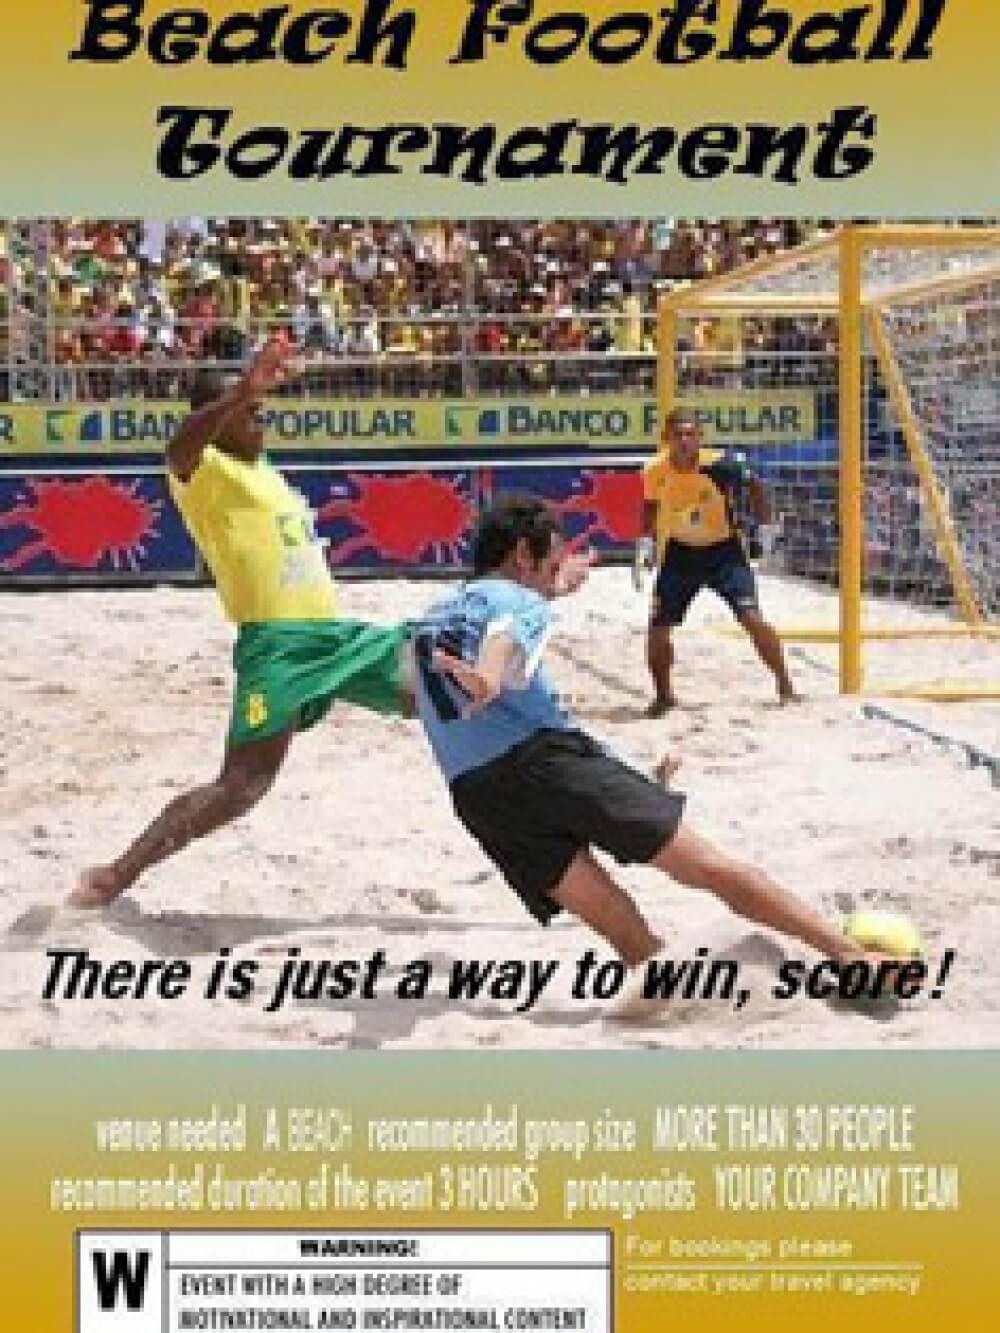 beach_football_tournament_vertical_web